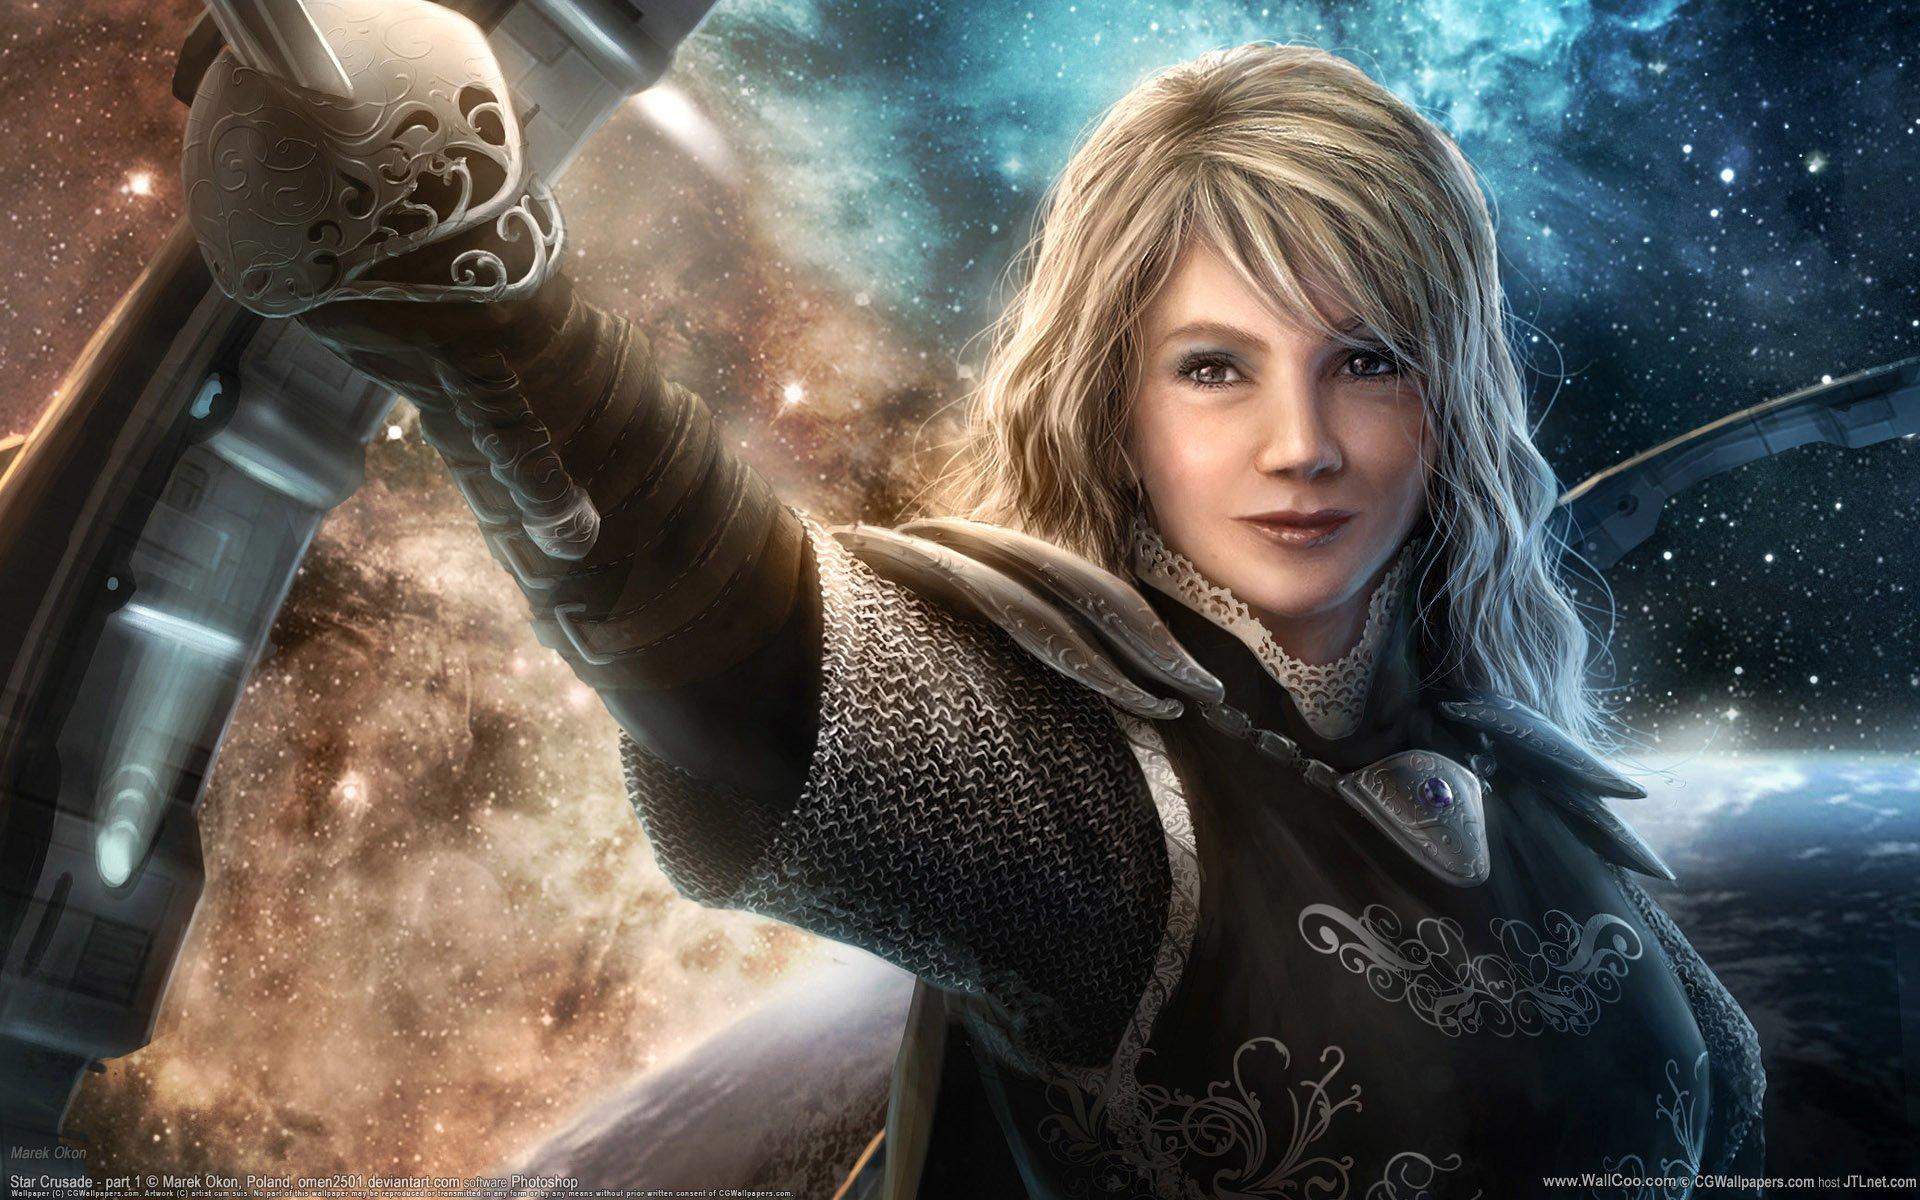 Elf warrior girl Anime mobile wallpaper